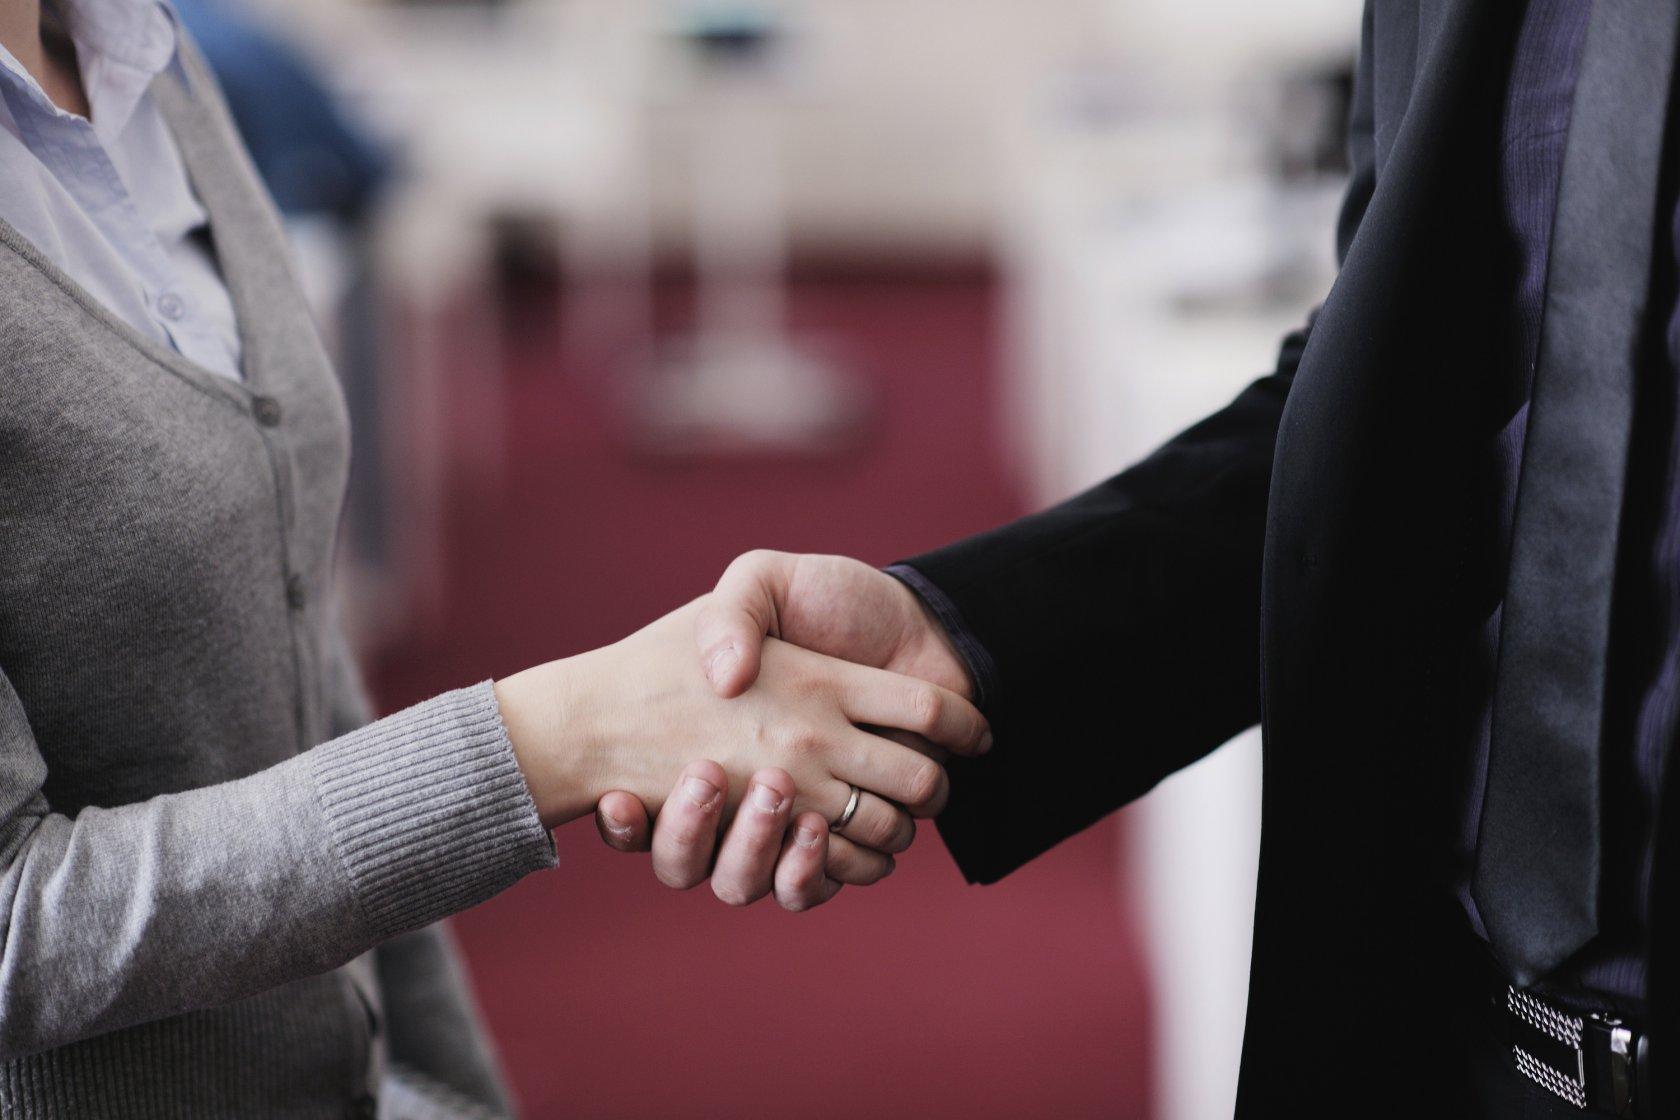 Картинки рукопожатия мужчины и женщины, сентября картинки